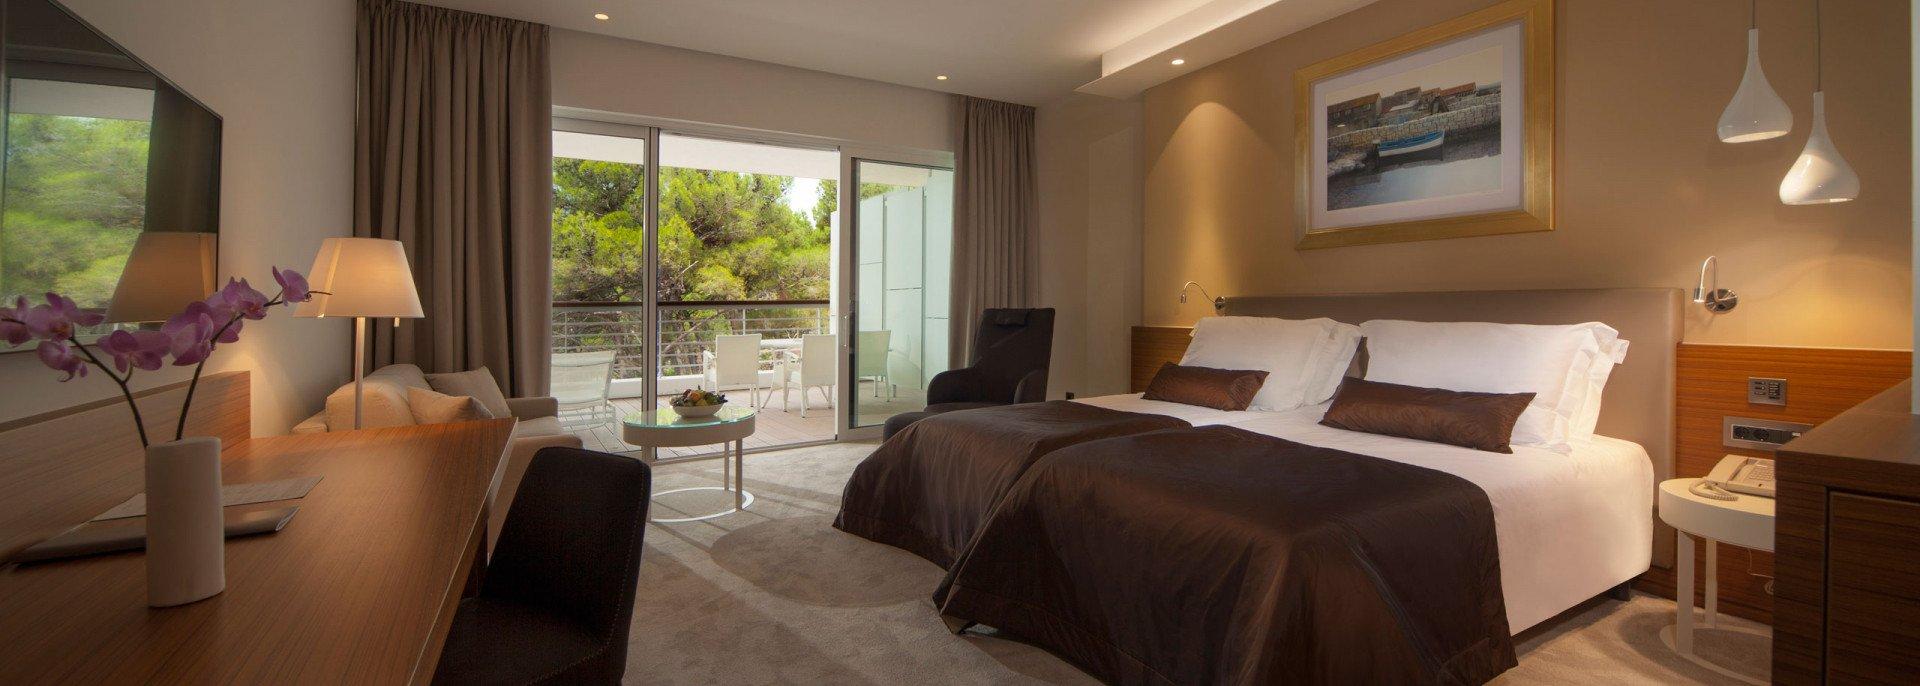 https://www.losinj-hotels.com/assets/Bellevue/Rooms-Suites/_resampled/CroppedFocusedImageWyIxOTIwIiwiNjg2IiwieSIsMjU3XQ/deluxe-park-side.jpg